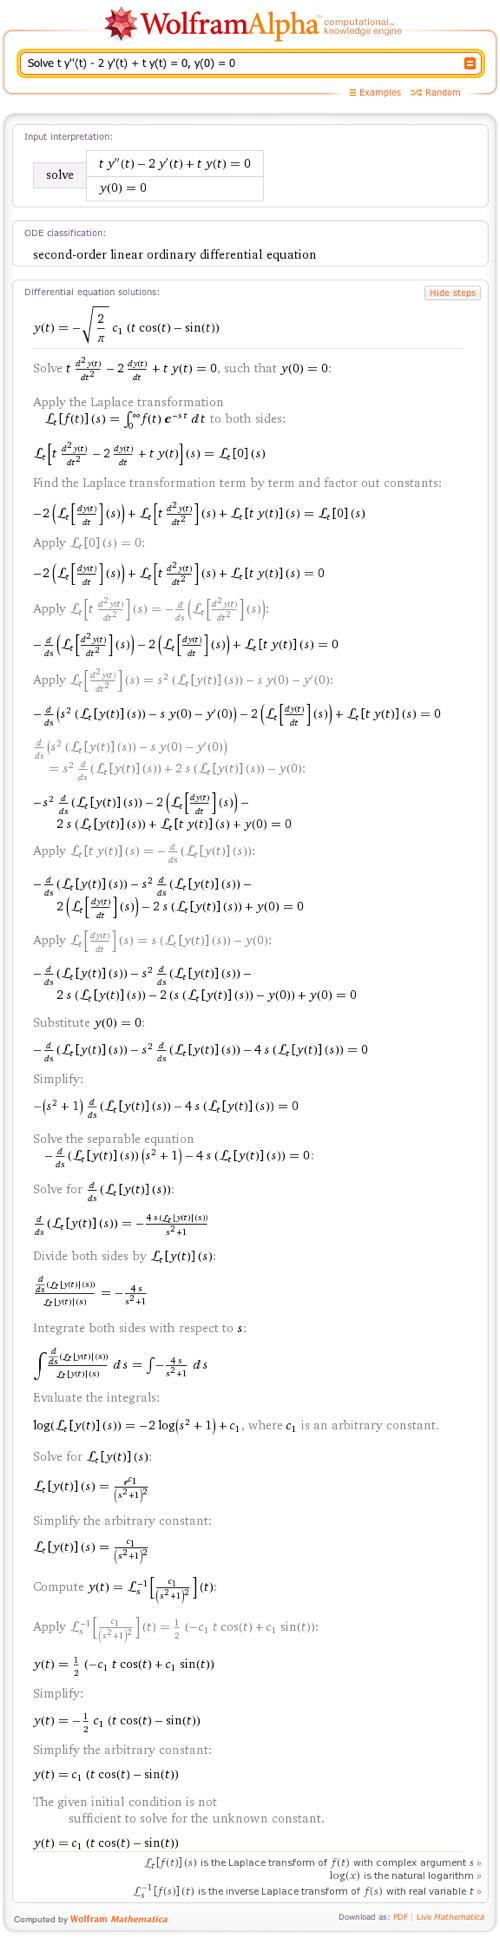 Solve t y''(t) - 2 y'(t) + t y(t) = 0, y(0) = 0